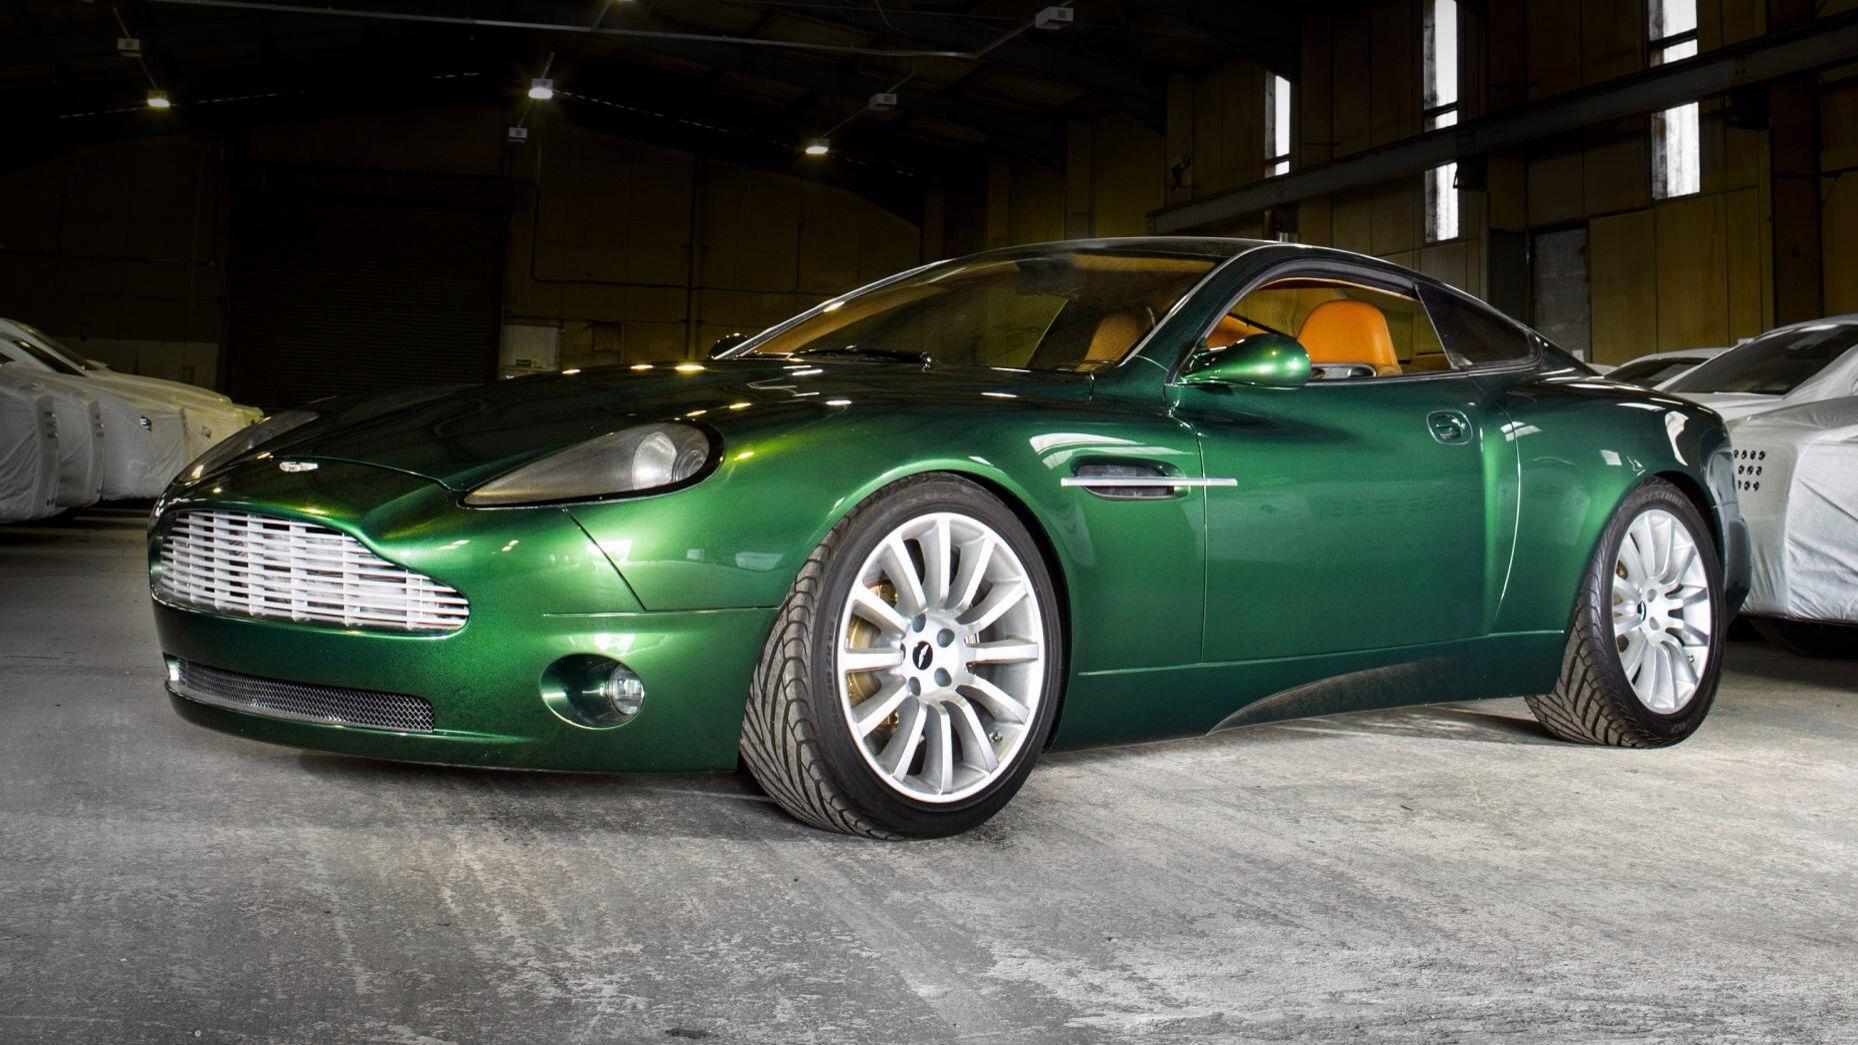 Original Aston Martin Vanquish Concept Aston Martin Vanquish Aston Martin Aston